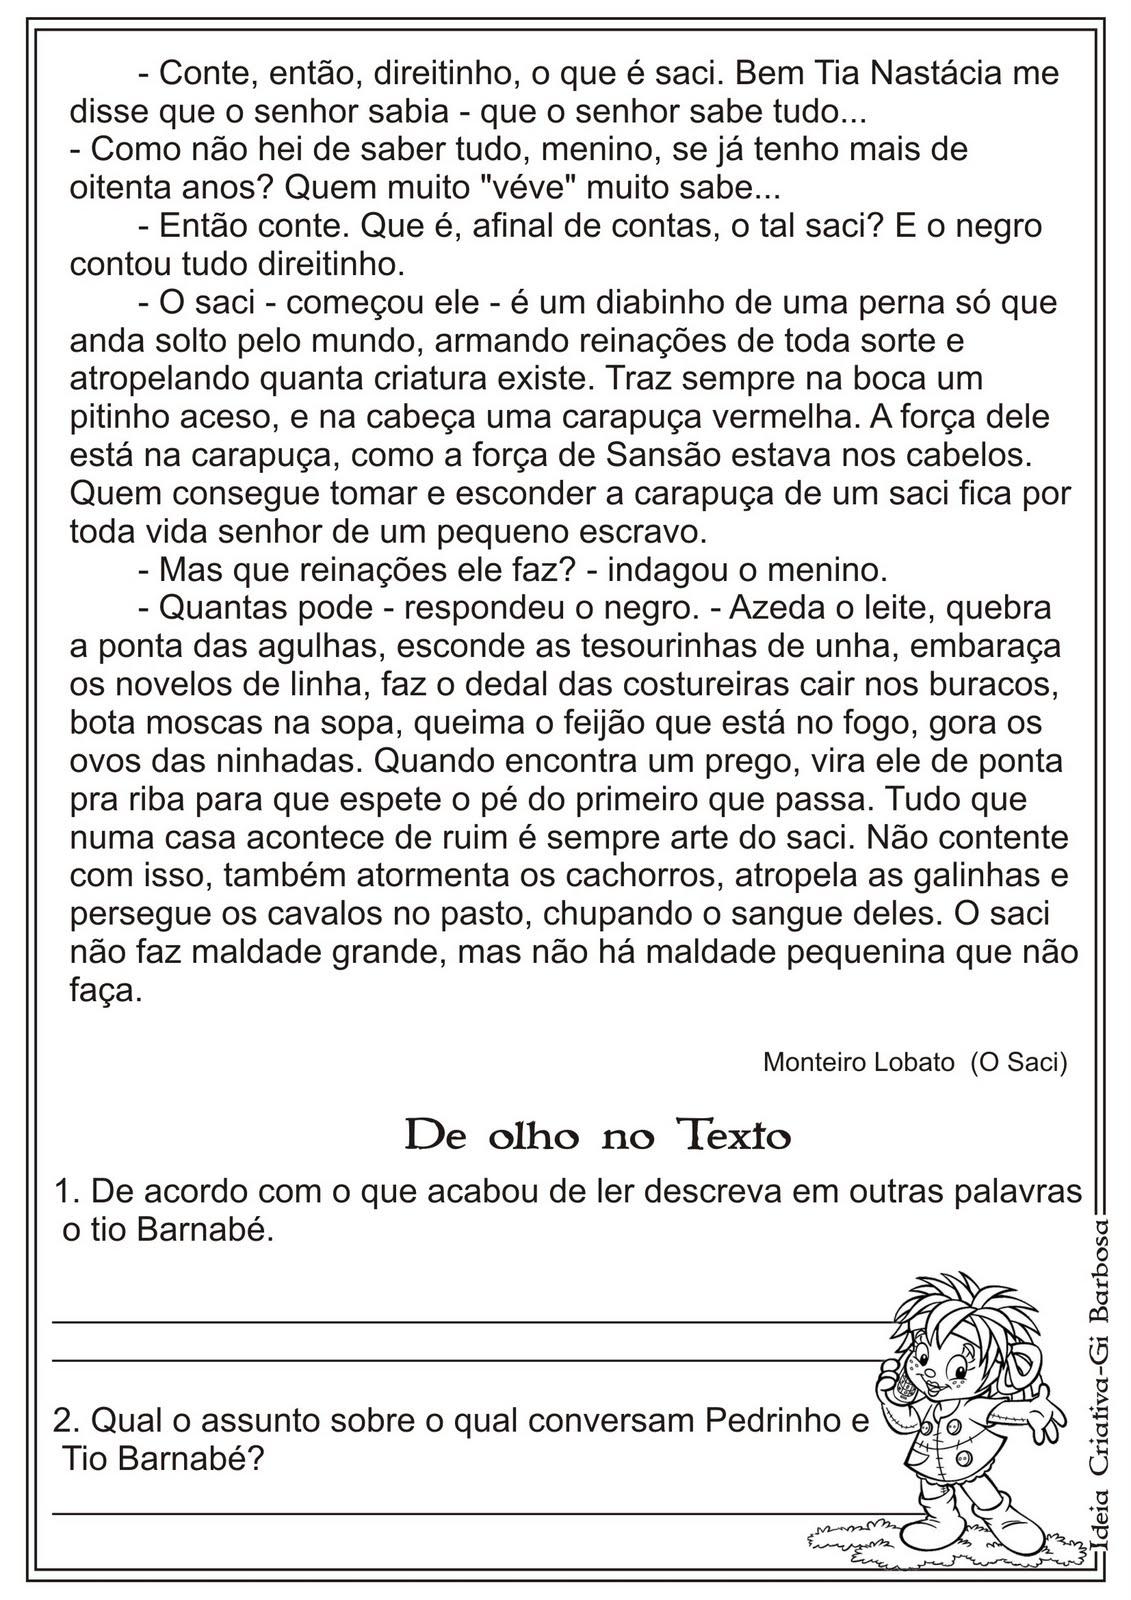 INTERPRETAÇÃO DE TEXTOS DE MONTEIRO LOBATO + ATIVIDADES EXERCÍCIOS